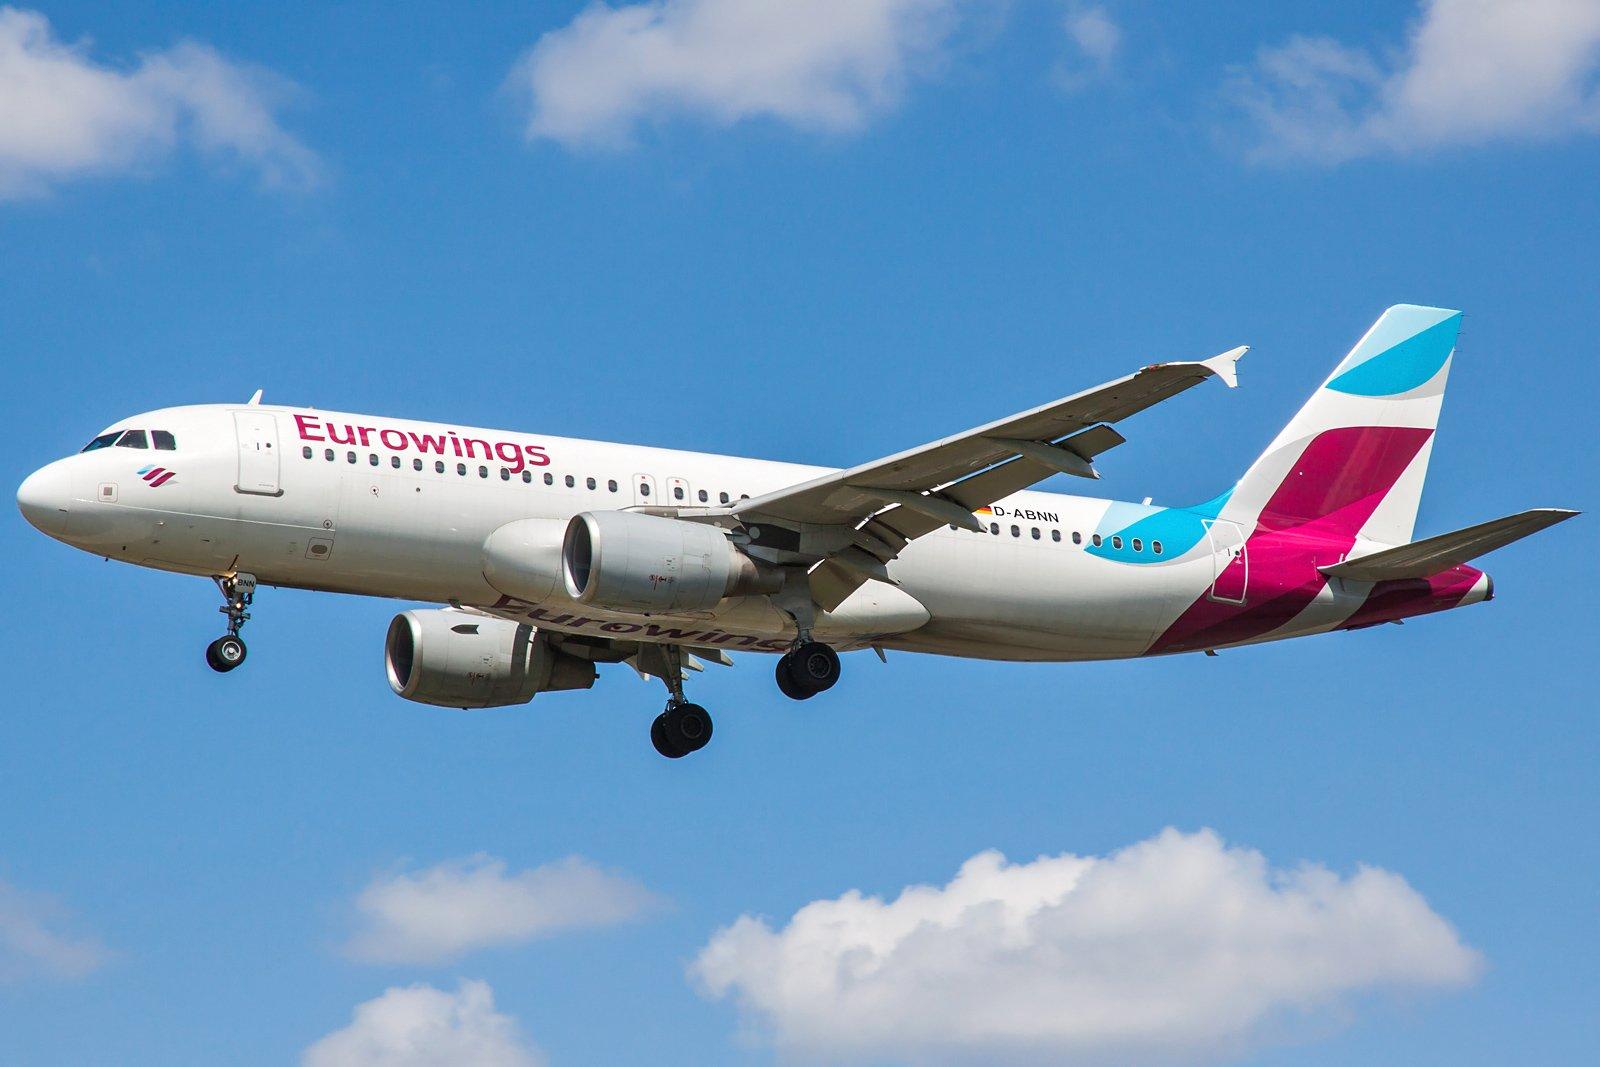 Eurowings Airbus A320-214 D-ABNN